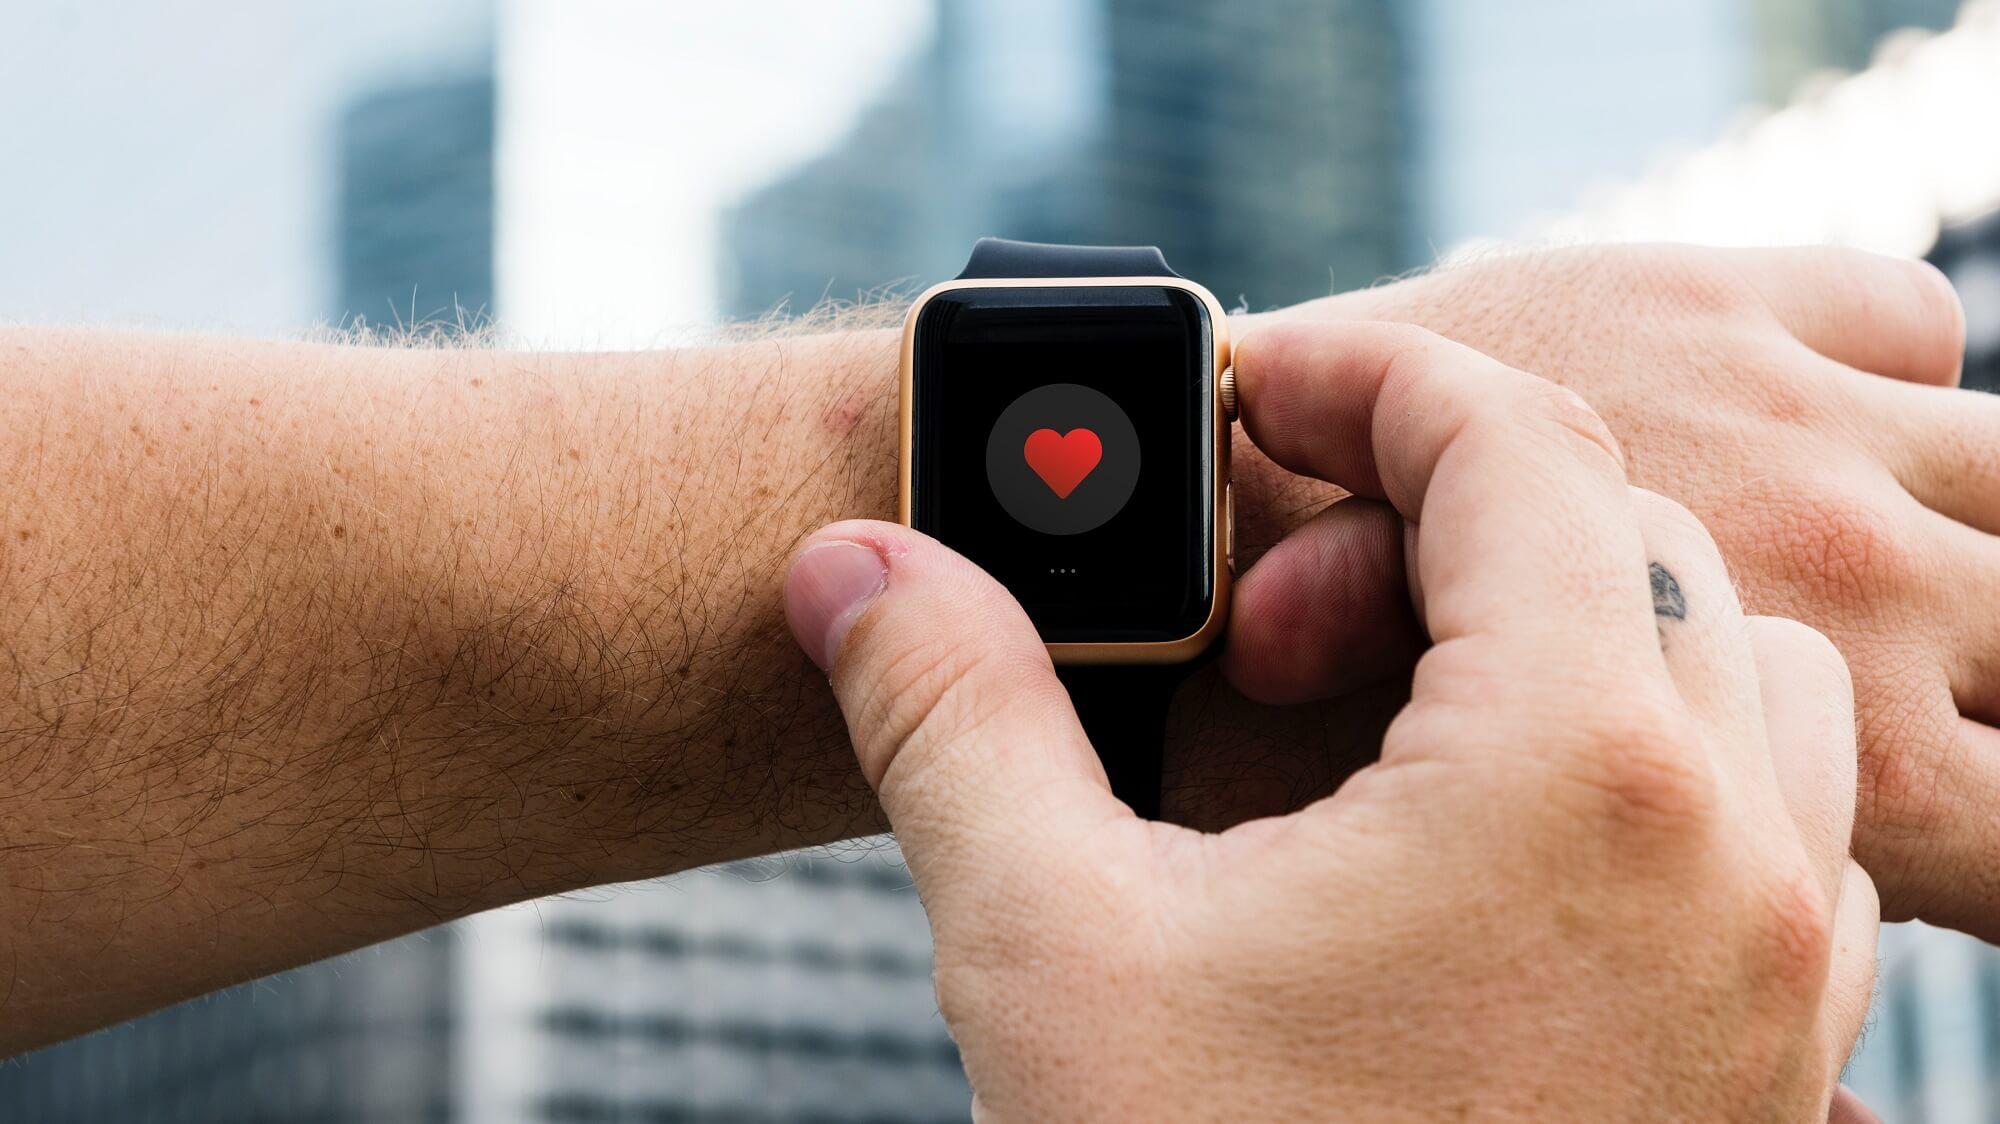 Cerner's Digital Transformation of Population Health